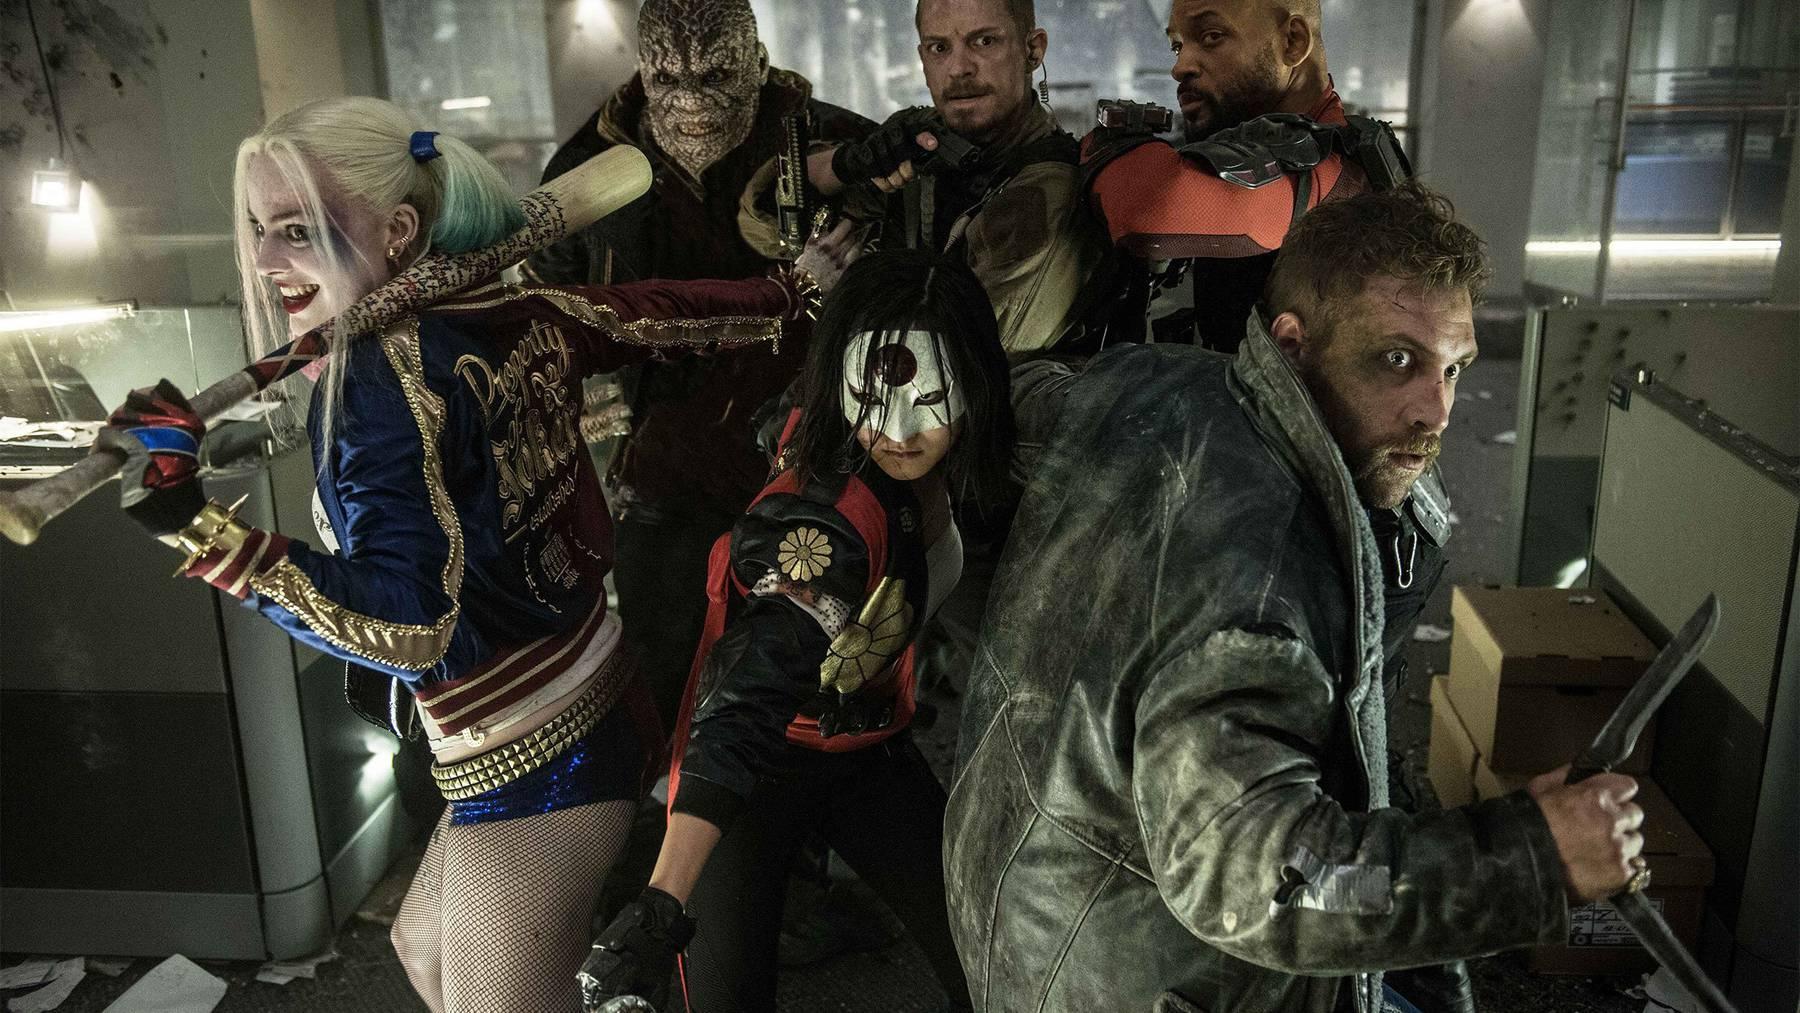 Das sind die Mitglieder des Suicide Squads